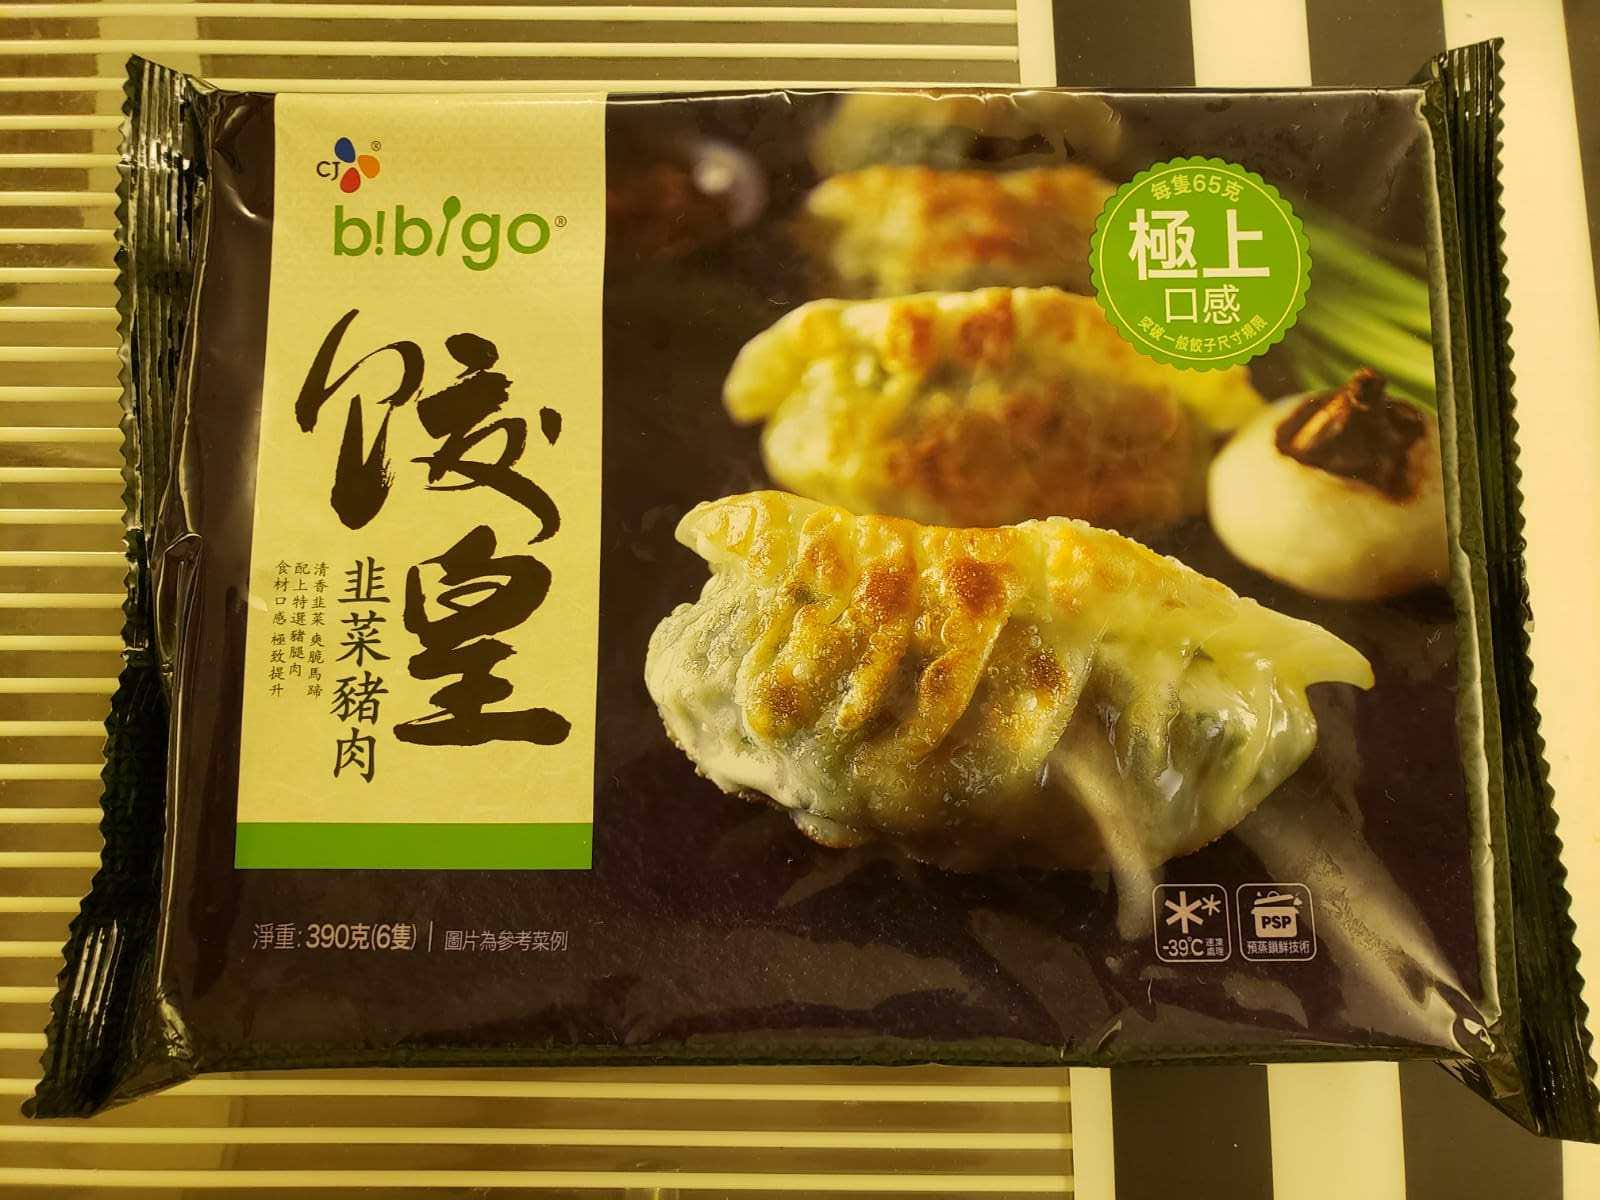 CJ 餃皇(韭菜豬肉餃子) 氣炸鍋分享 – impromptuz 麻省女工